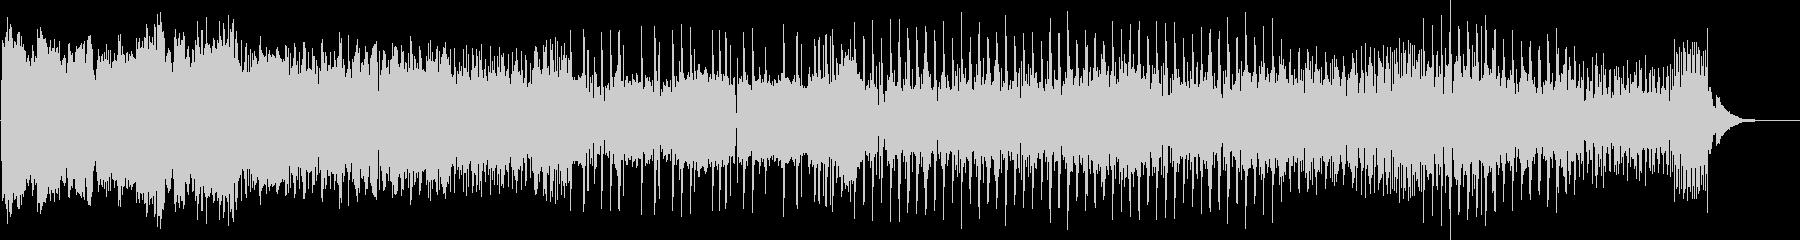 抑揚・キレのあるクールなEDMの未再生の波形